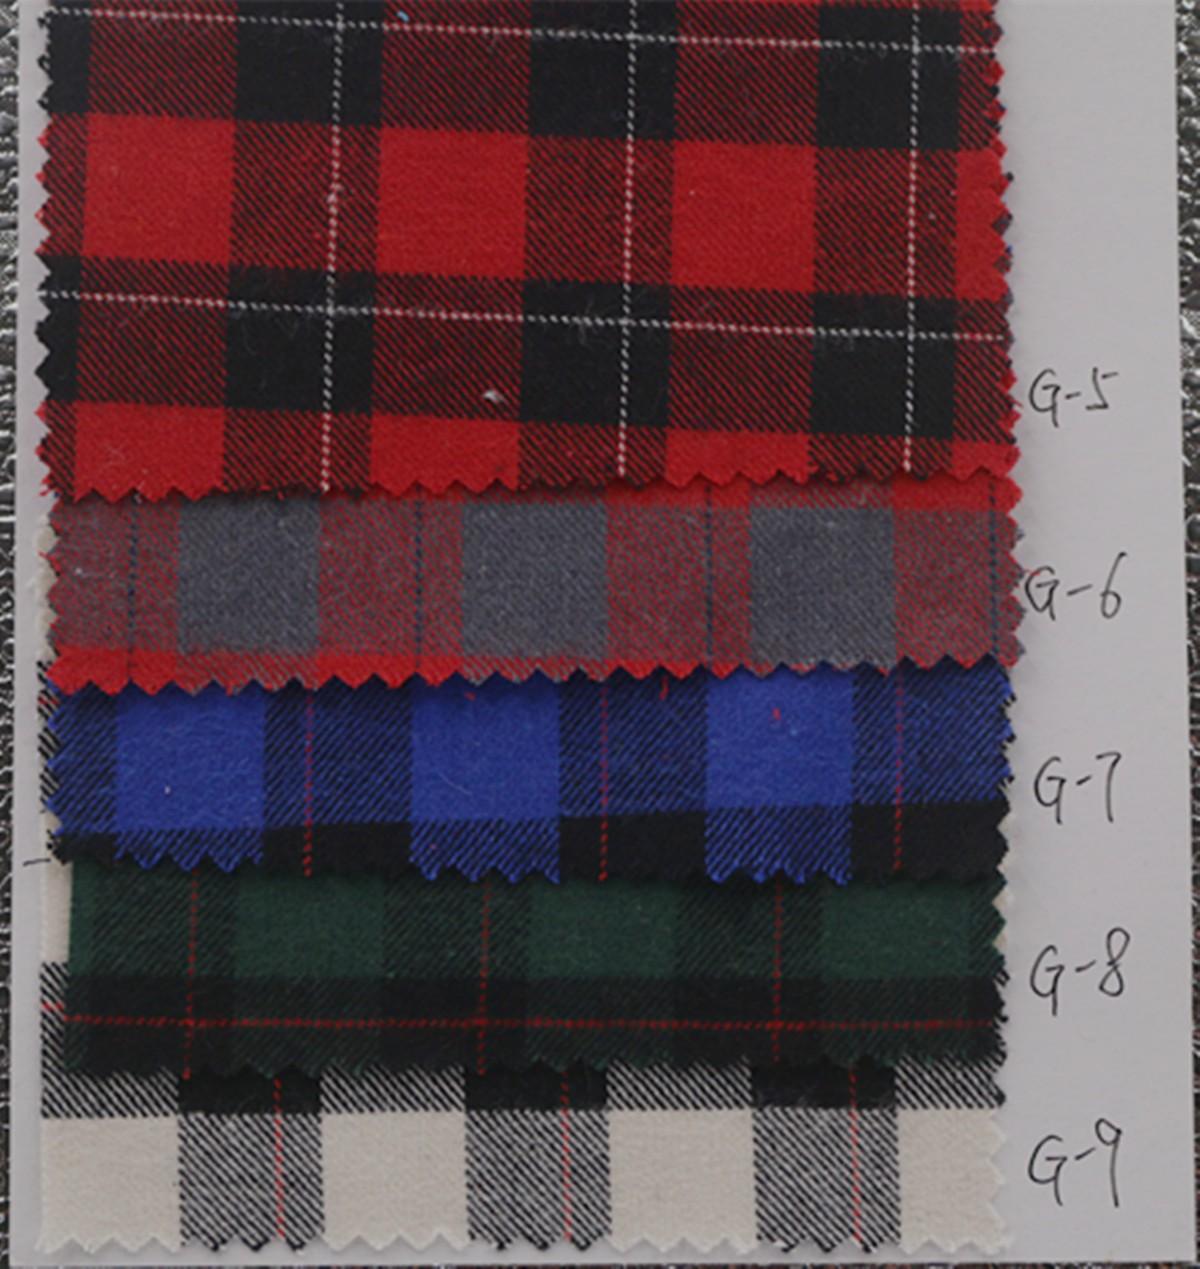 厂家批发 秋冬全棉色织布 磨毛格子布 服装衬衫面料图片二